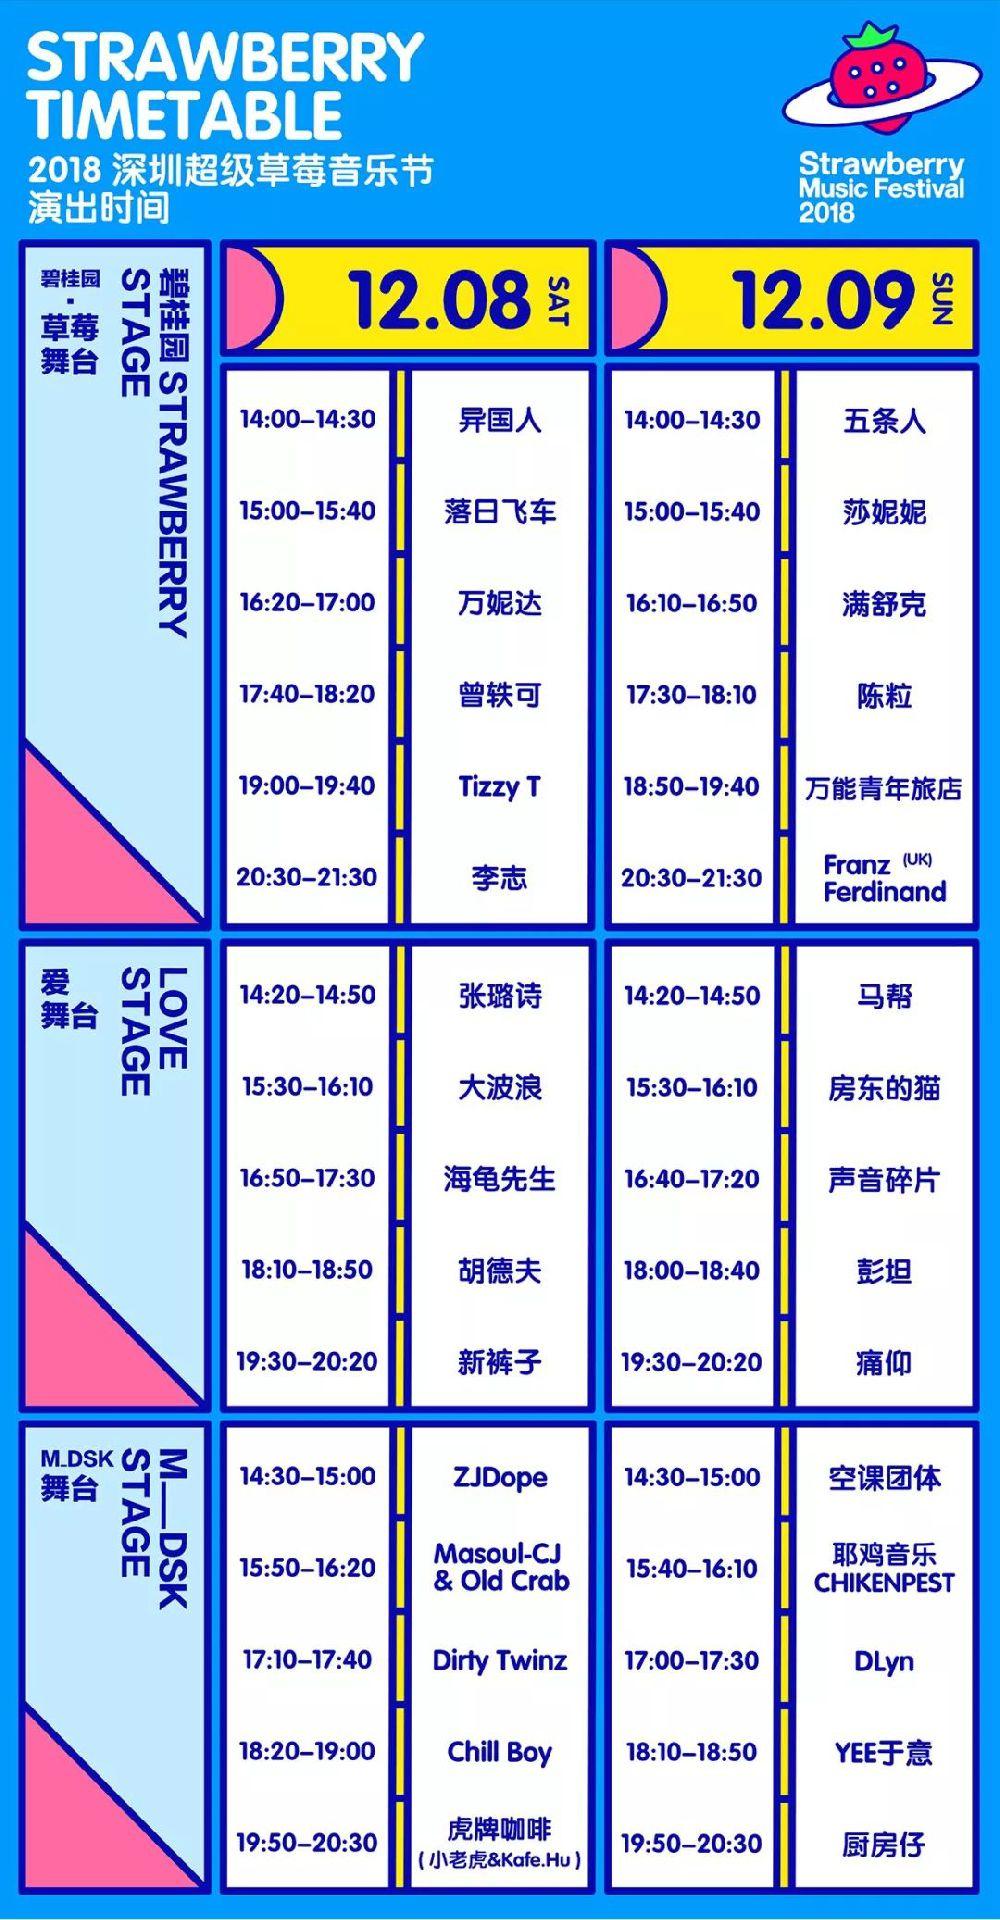 深圳草莓音乐节2018时间表